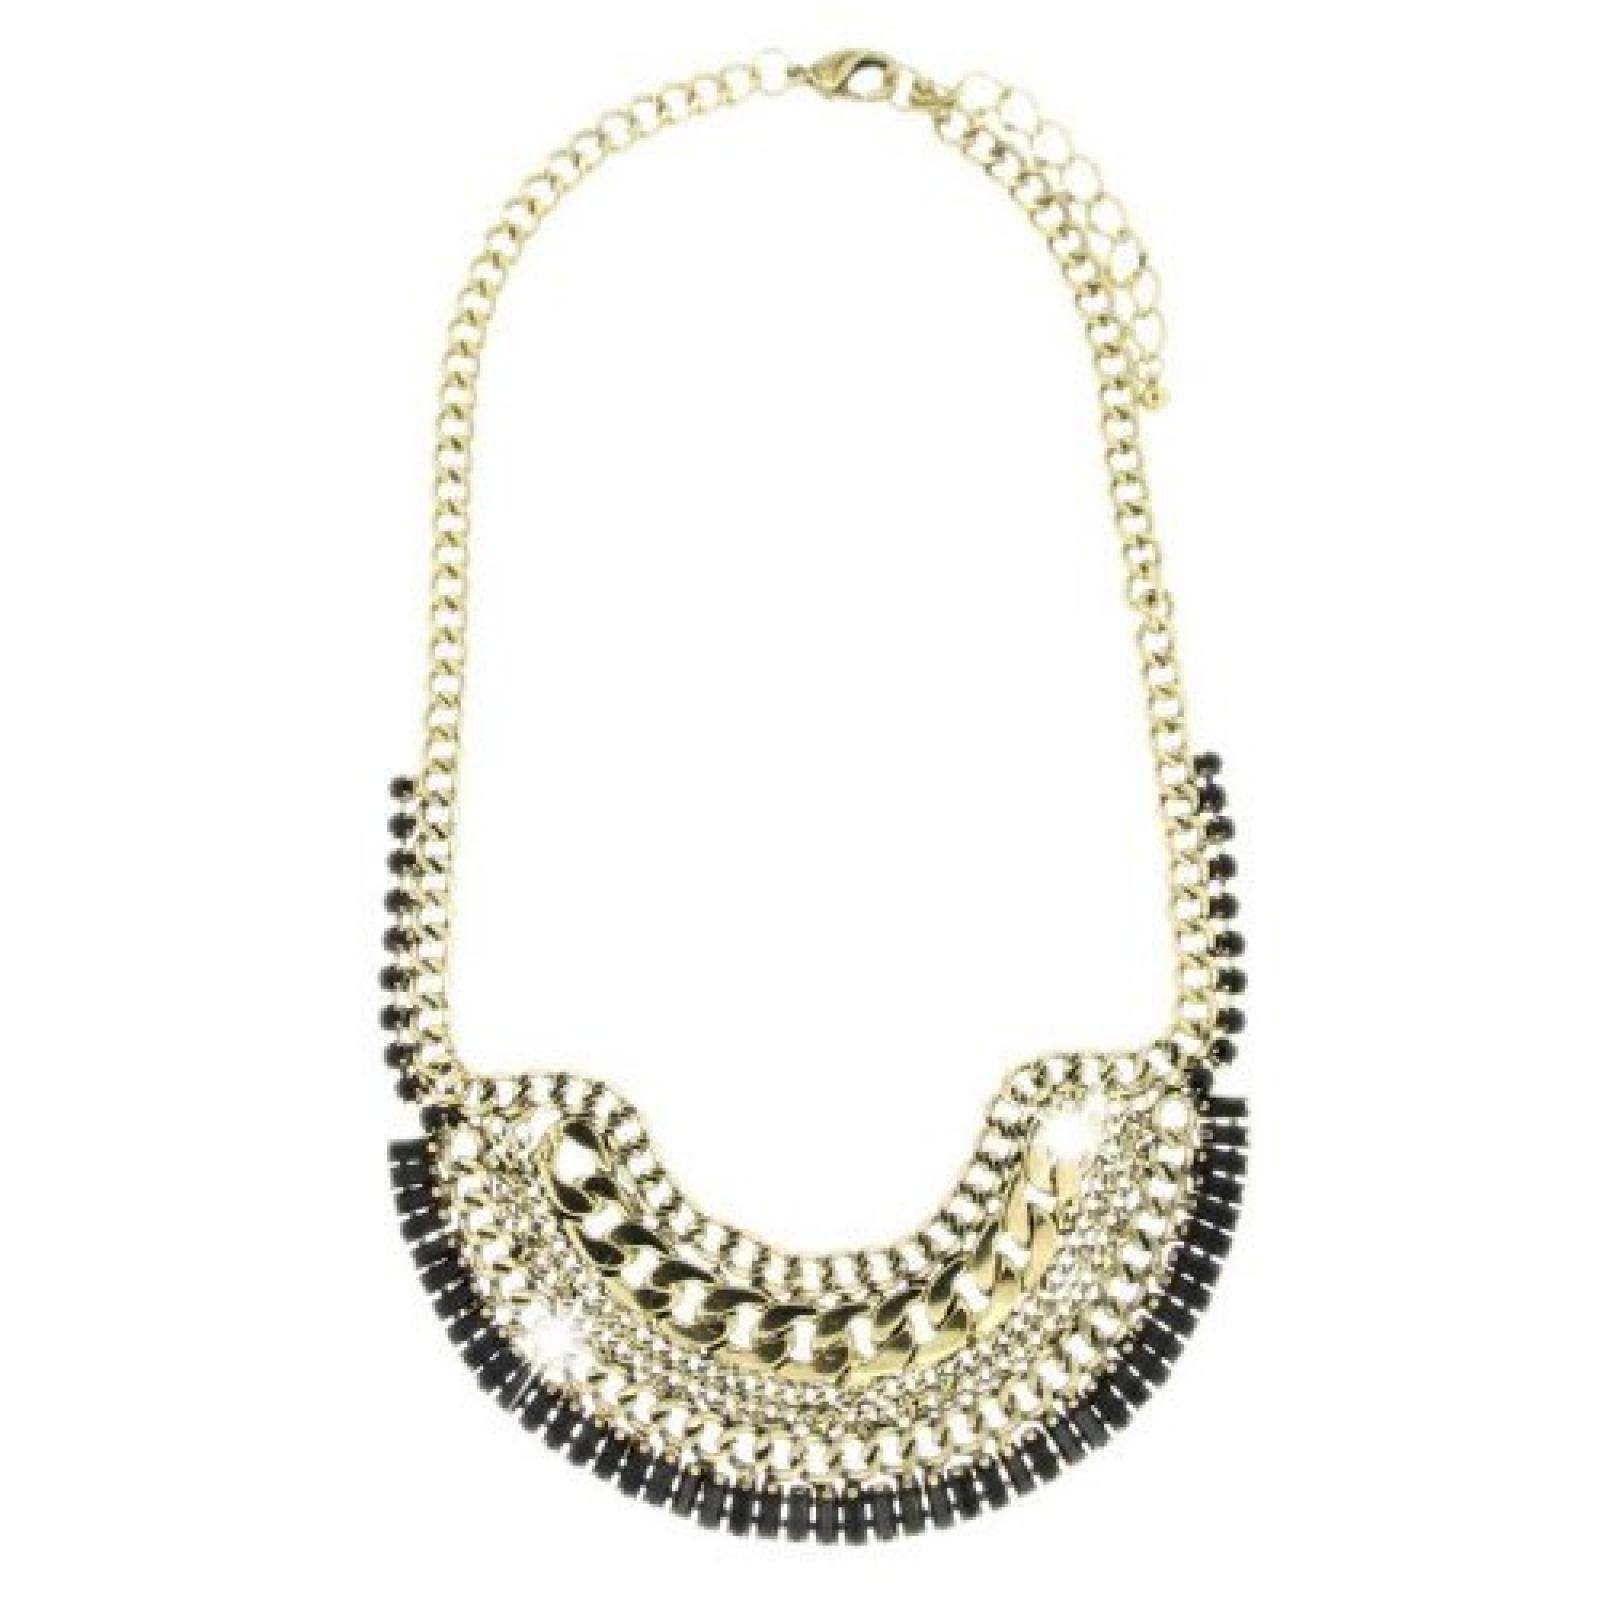 Sweet Deluxe Damen Halskette Metall rhodiniert Glas 45 cm Sold/Schwarz 2916